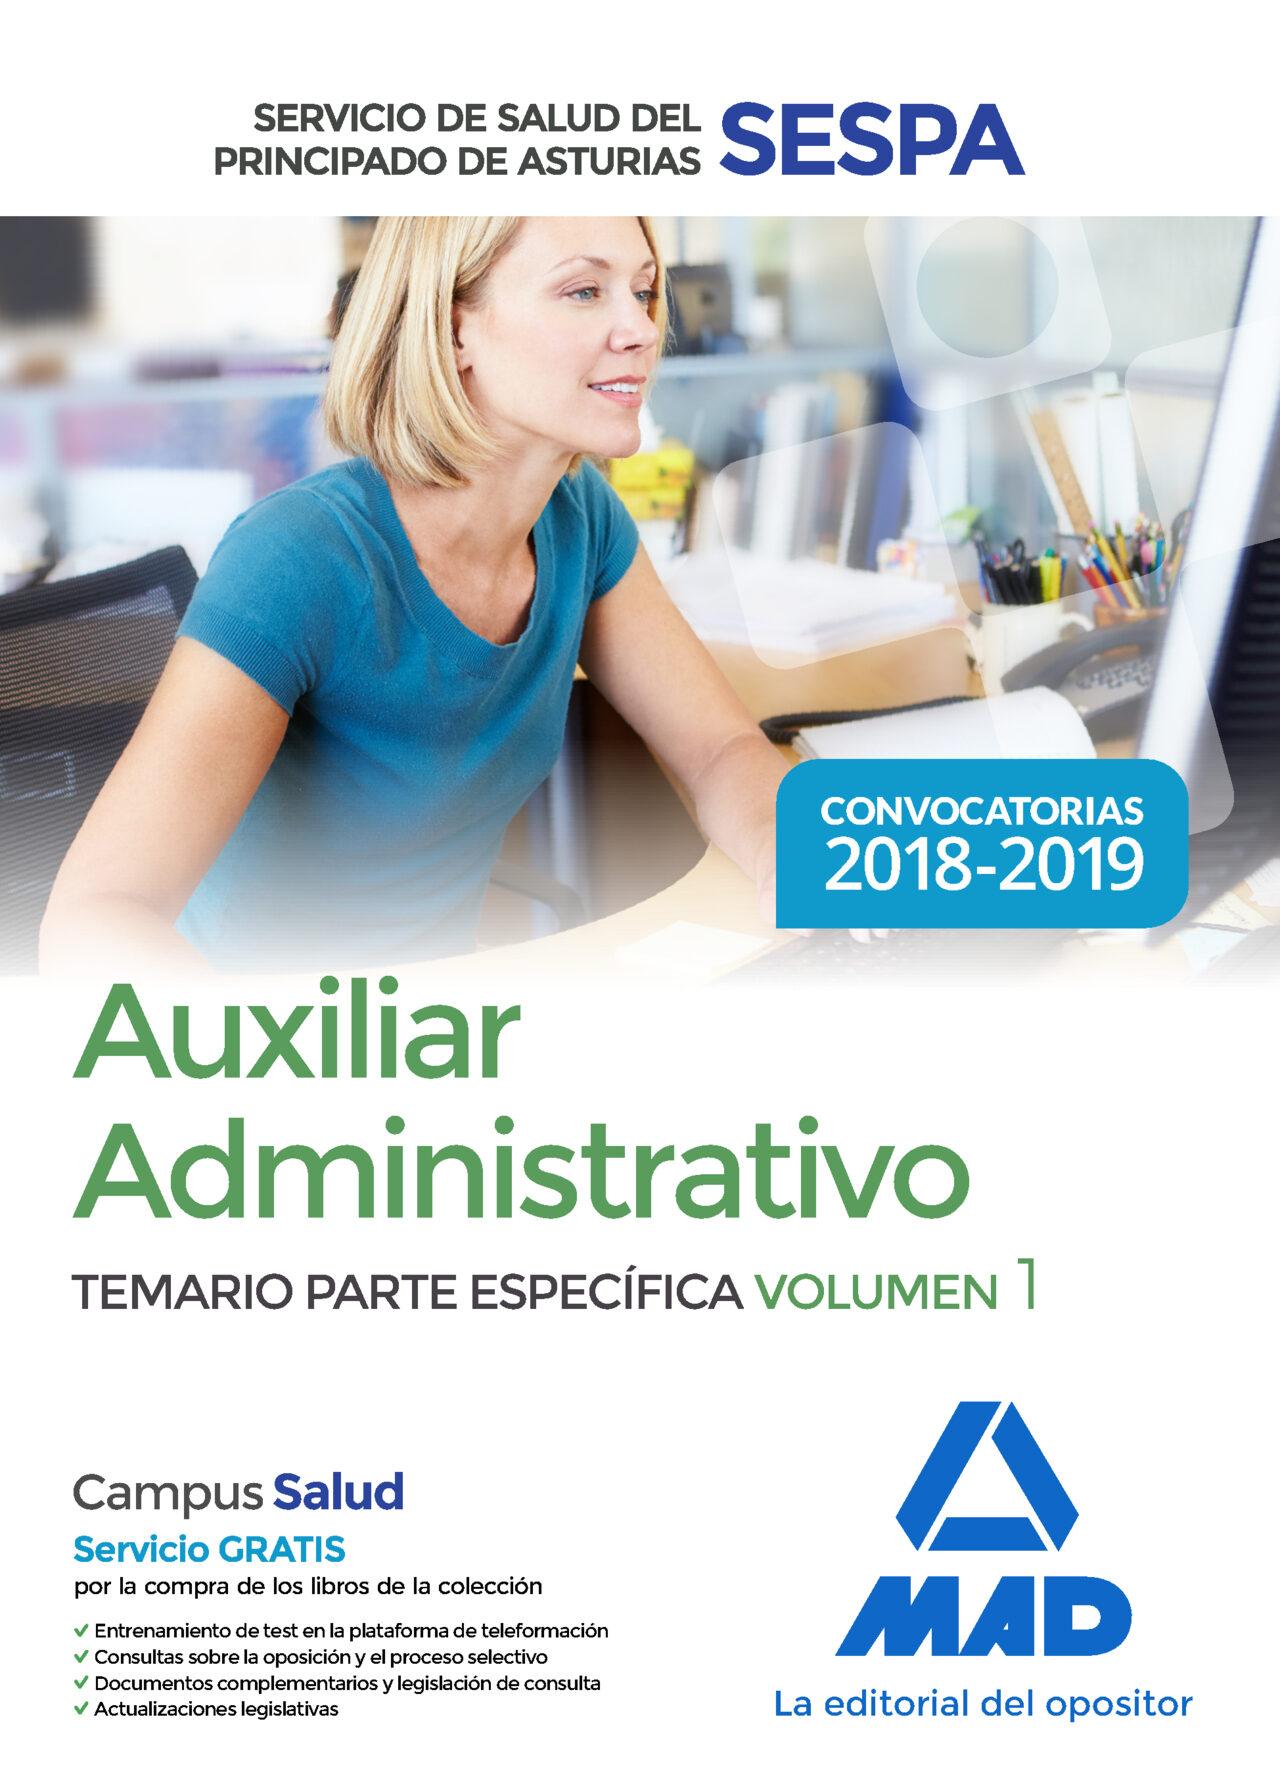 Auxiliar Administrativo Del Servicio De Salud Del Principado De Asturias (sespa): Temario Parte Especifica (vol. 1) por Vv.aa.